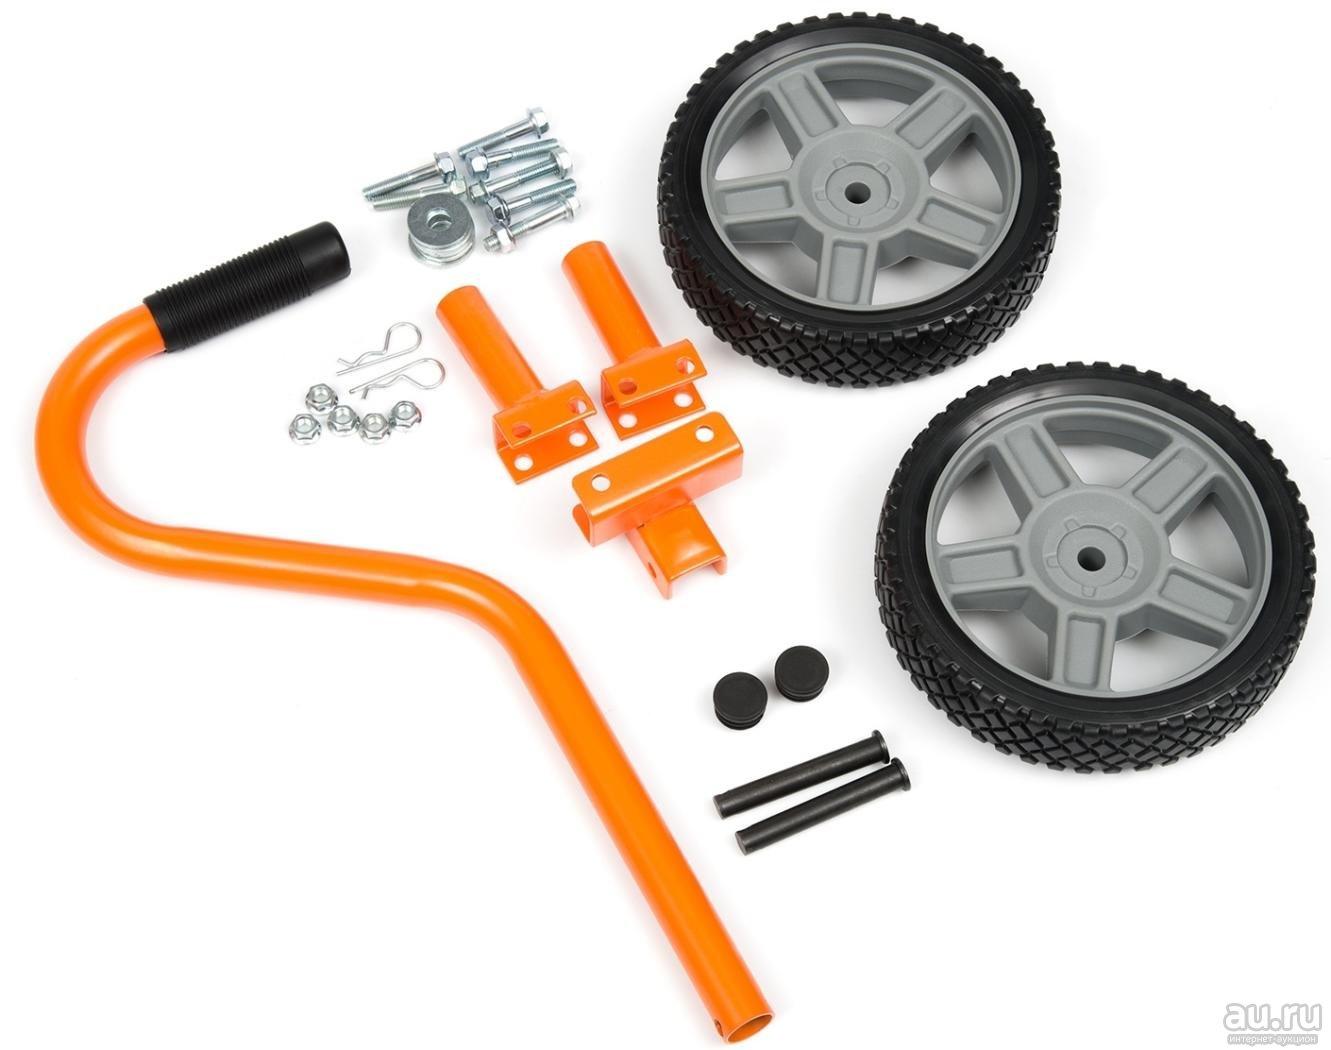 Комплект колес для генераторов ECT 7000 в Гаврилов Посаде